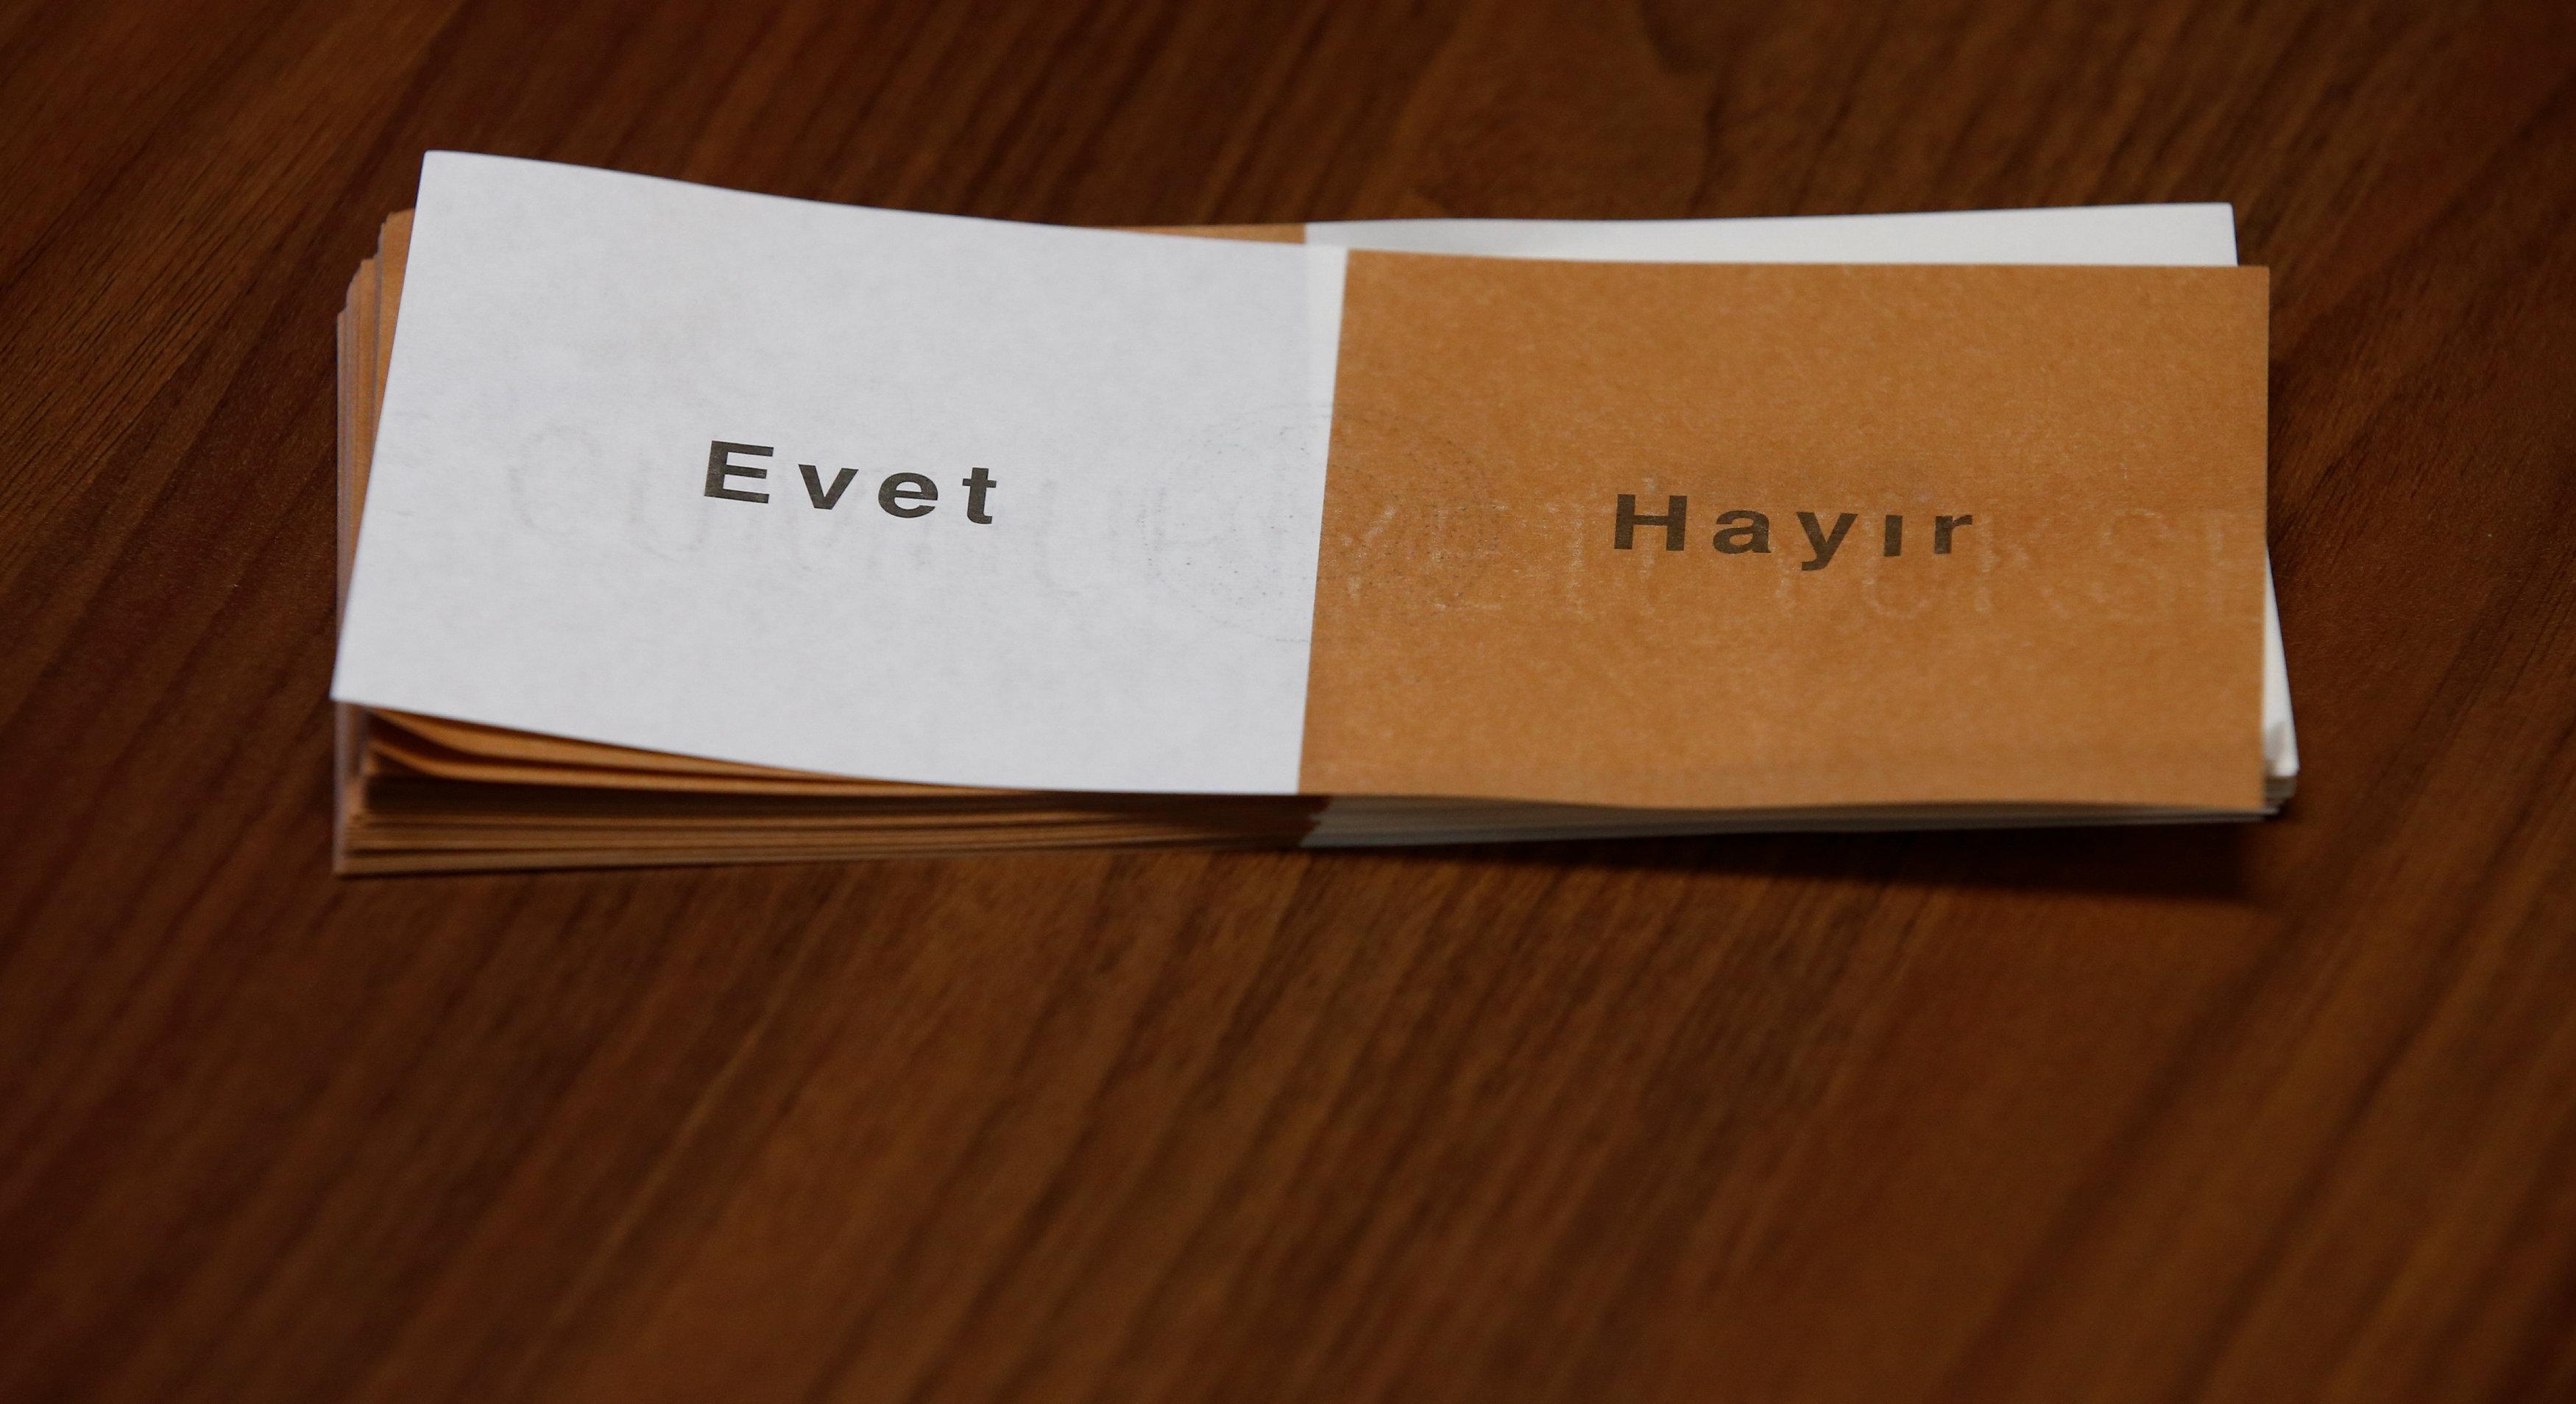 استفتاء الأتراك في الخارج (2)